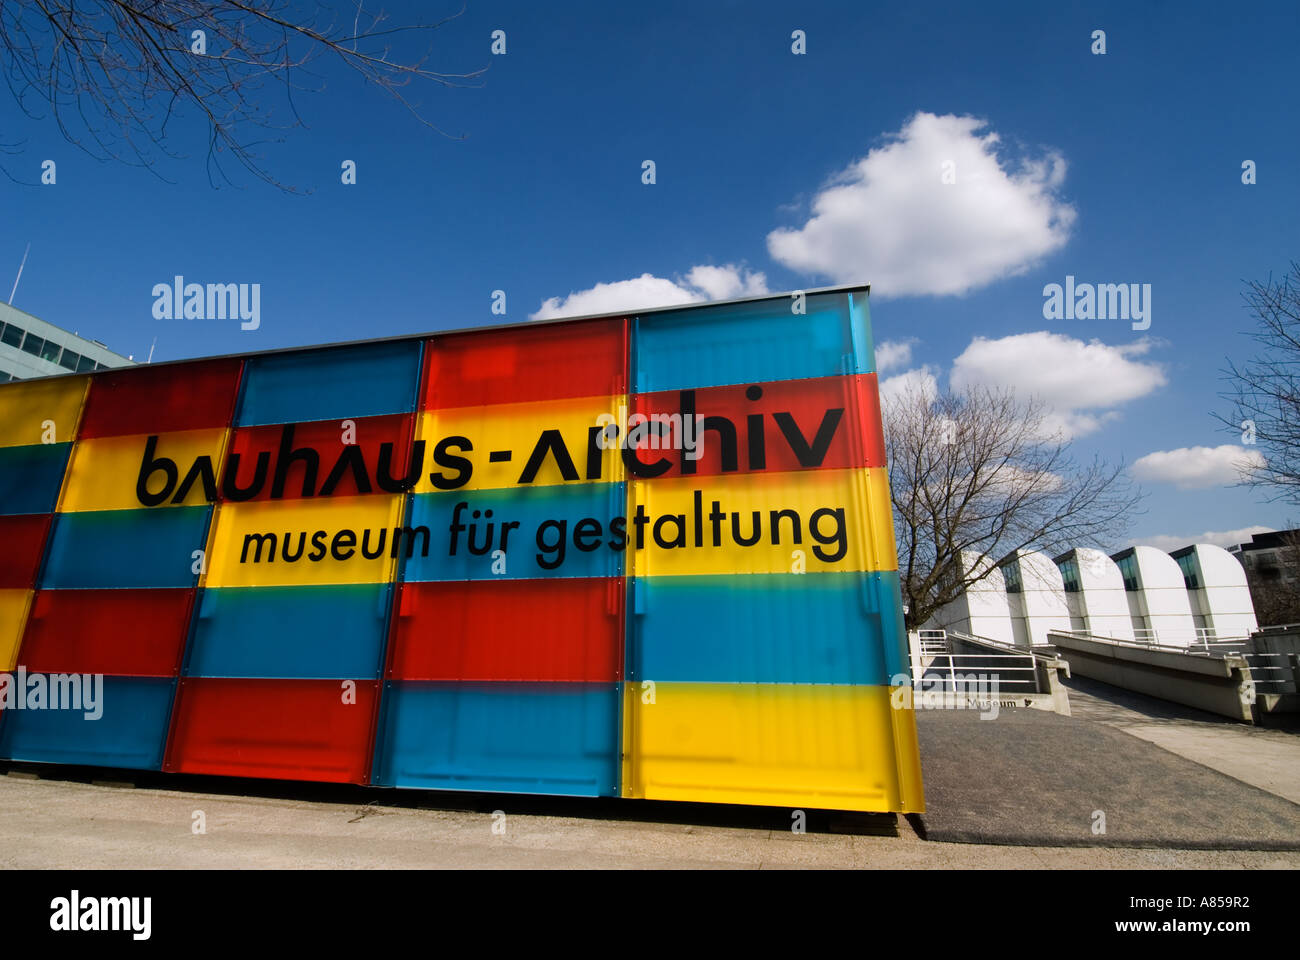 Eingang zum Bauhaus-Archiv Museum in Berlin Deutschland Stockbild